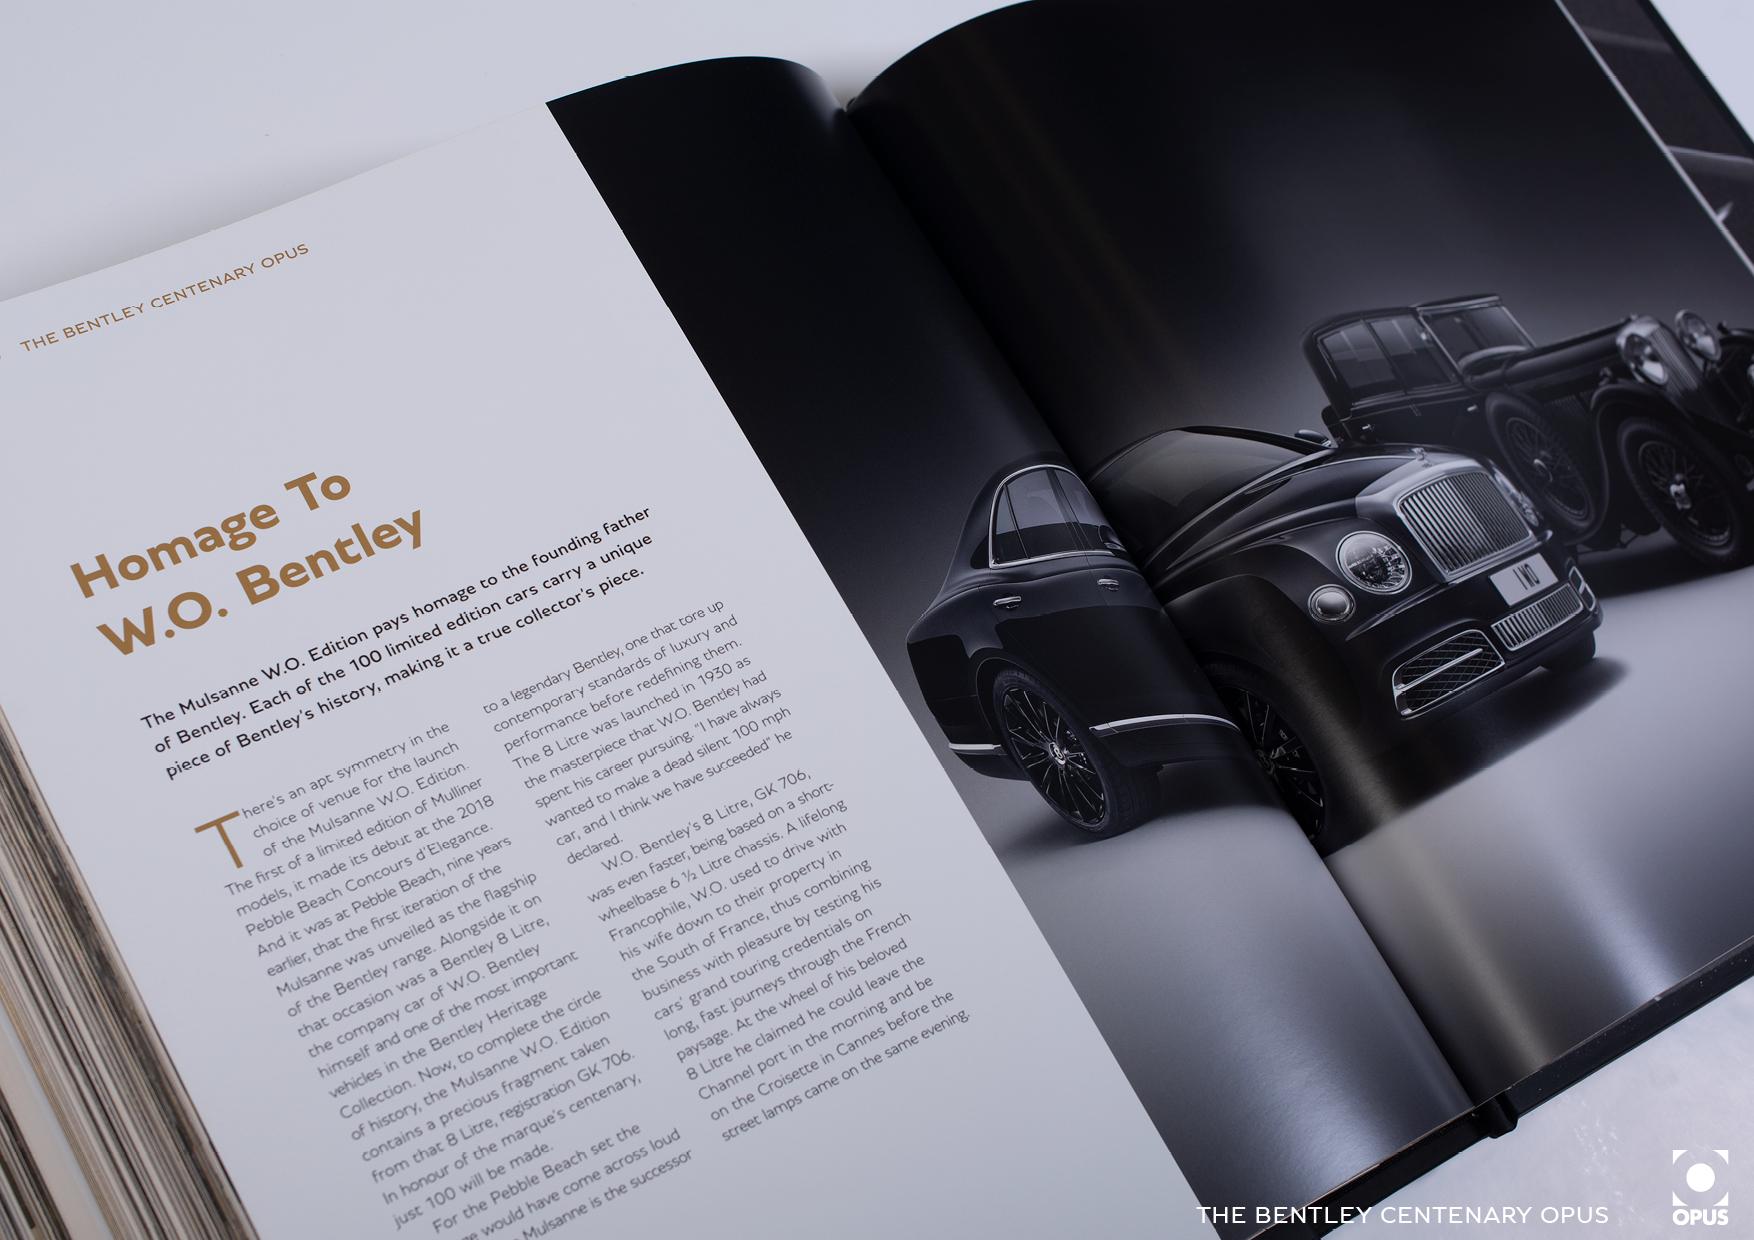 Bentley_Centenary_Opus_book_0007